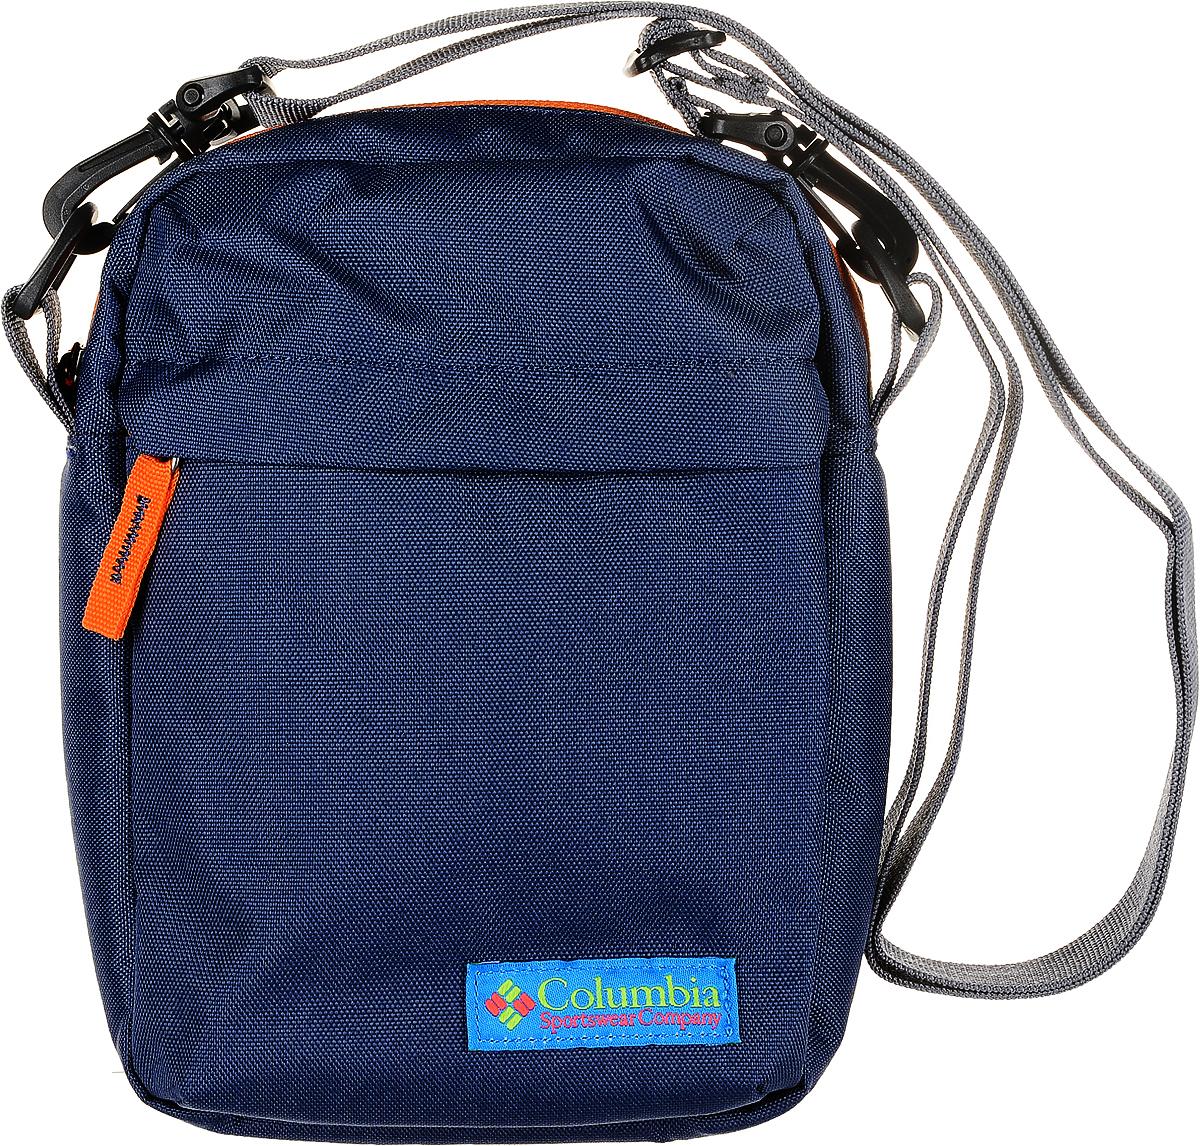 Сумка на плечо Columbia Urban Uplift Side Bag, цвет: темно-синий. 1724821-4921724821-492Поясная сумка от Columbia пригодится в путешествиях. Благодаря покрытию Omni-Shield ткань не впитывает влагу. Сумка выполнена из прочного полиэстера.